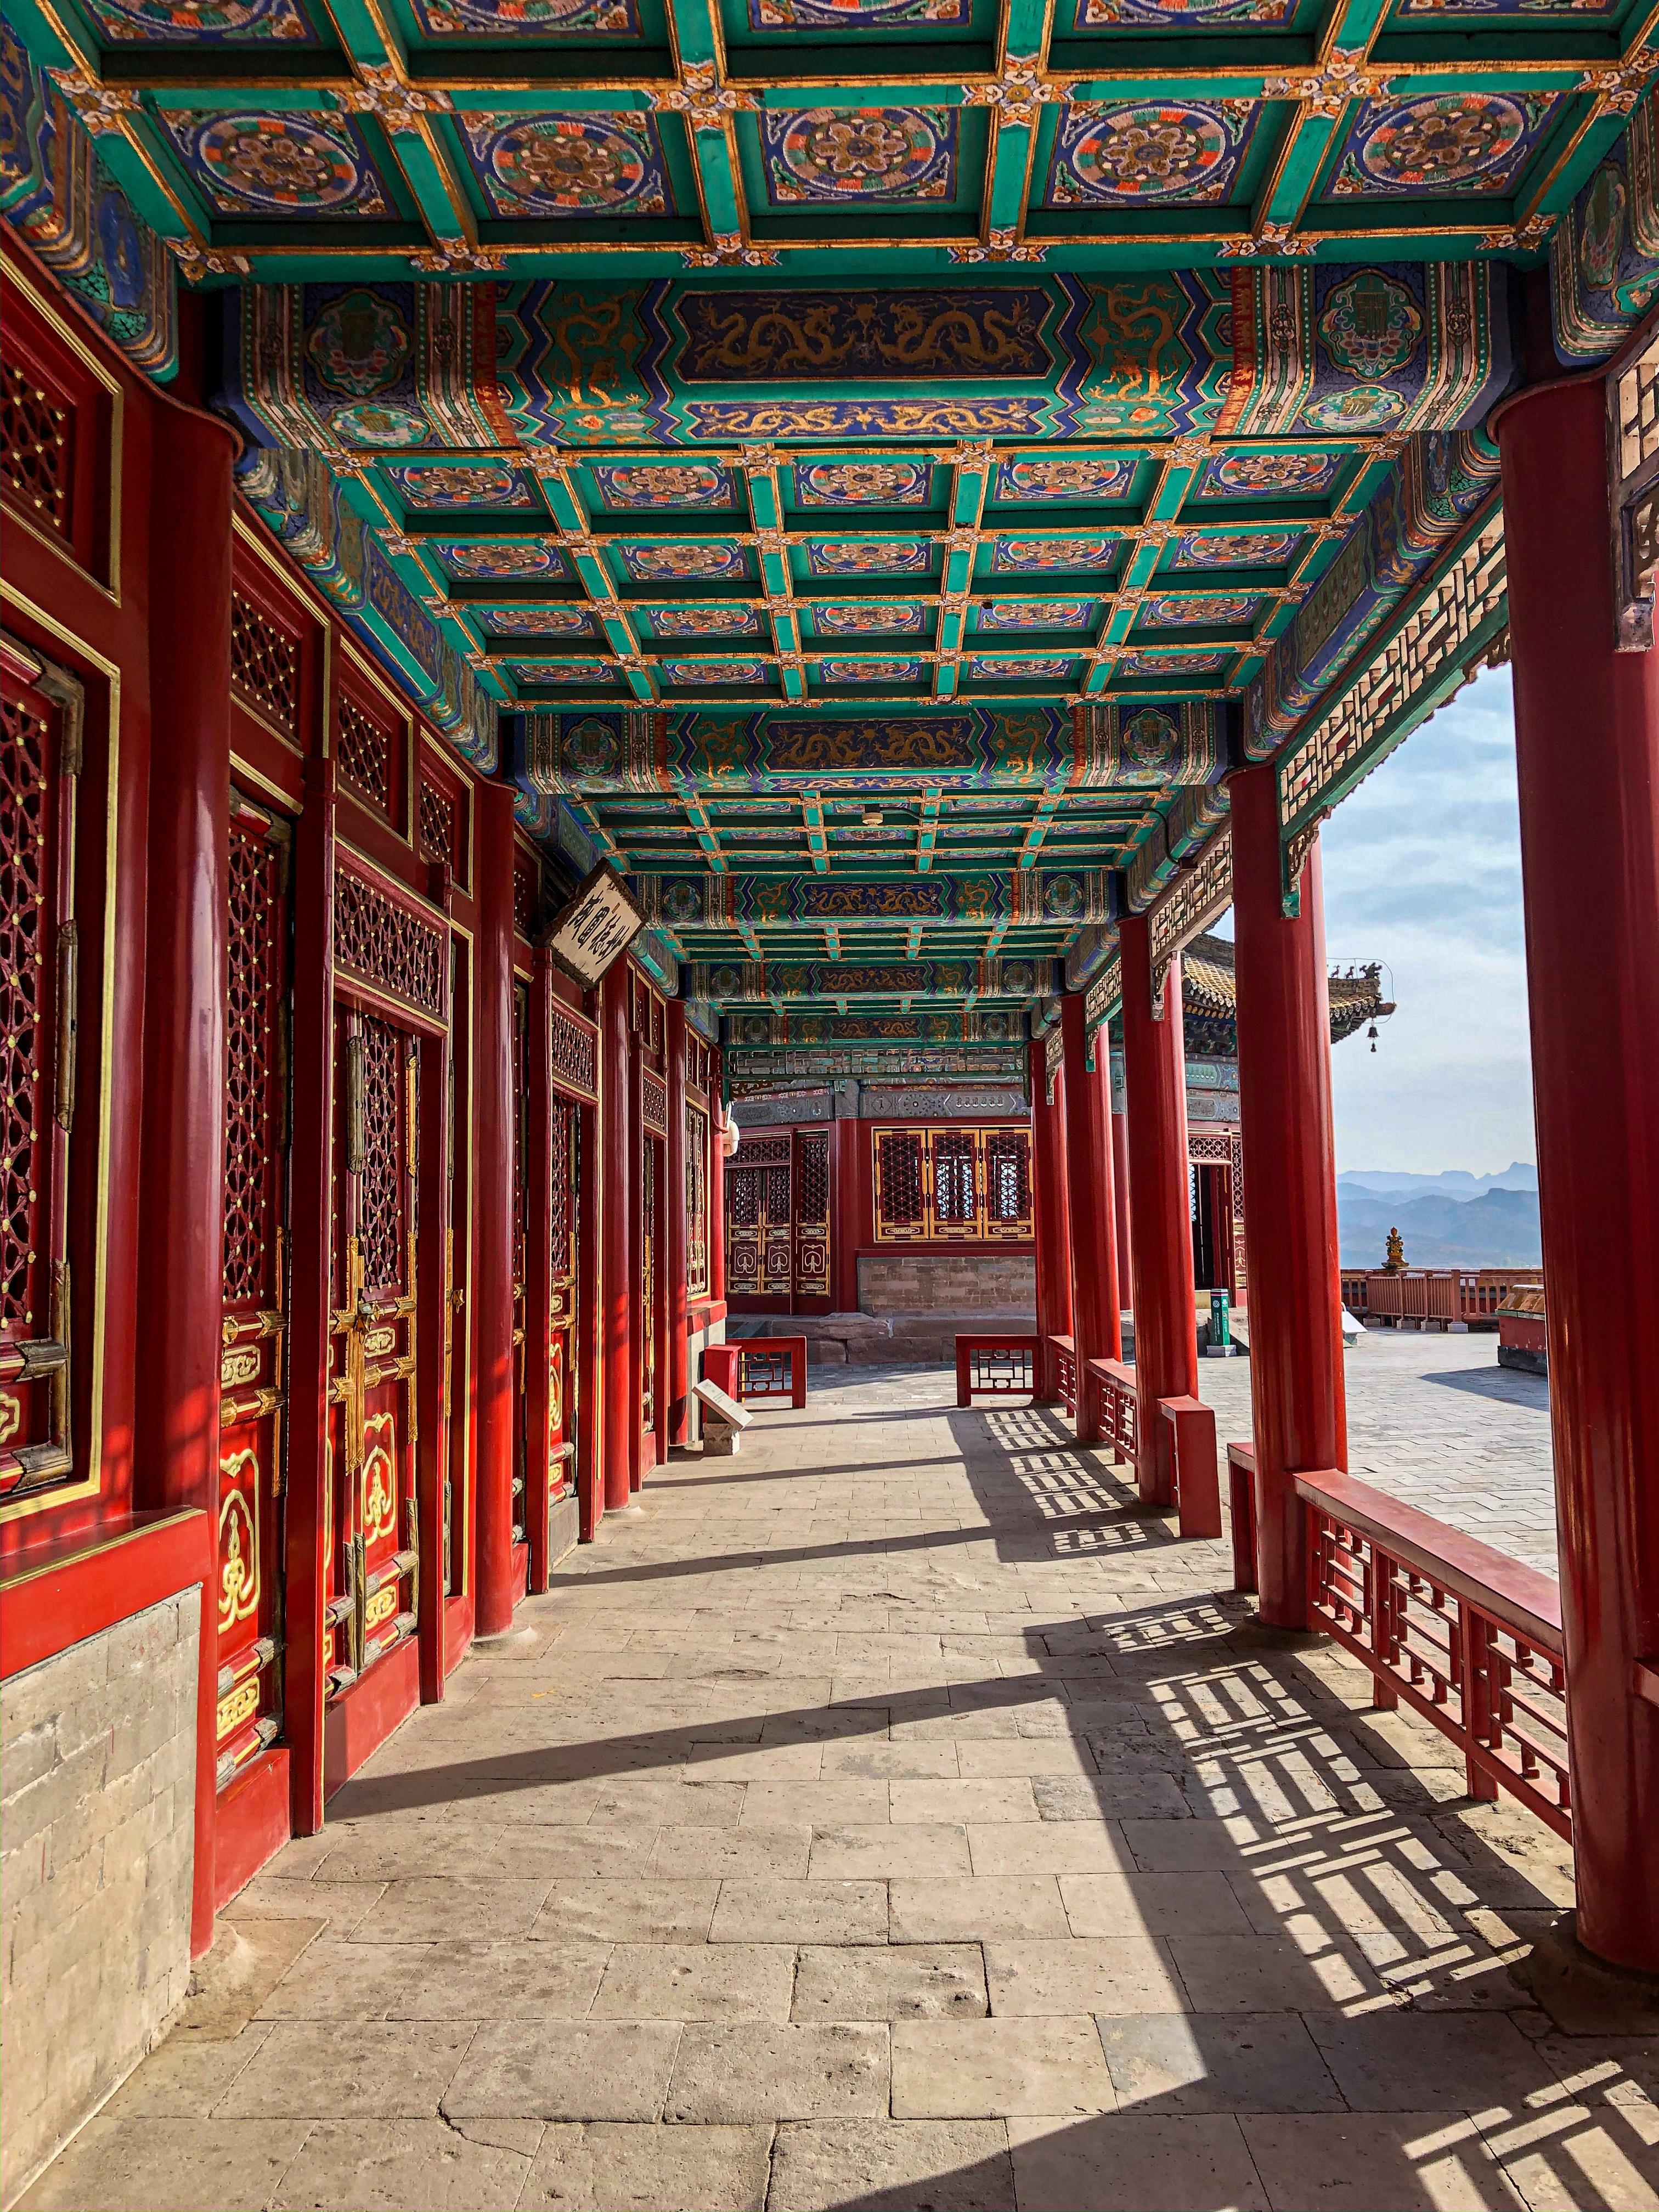 Visiter Chengde et les temples